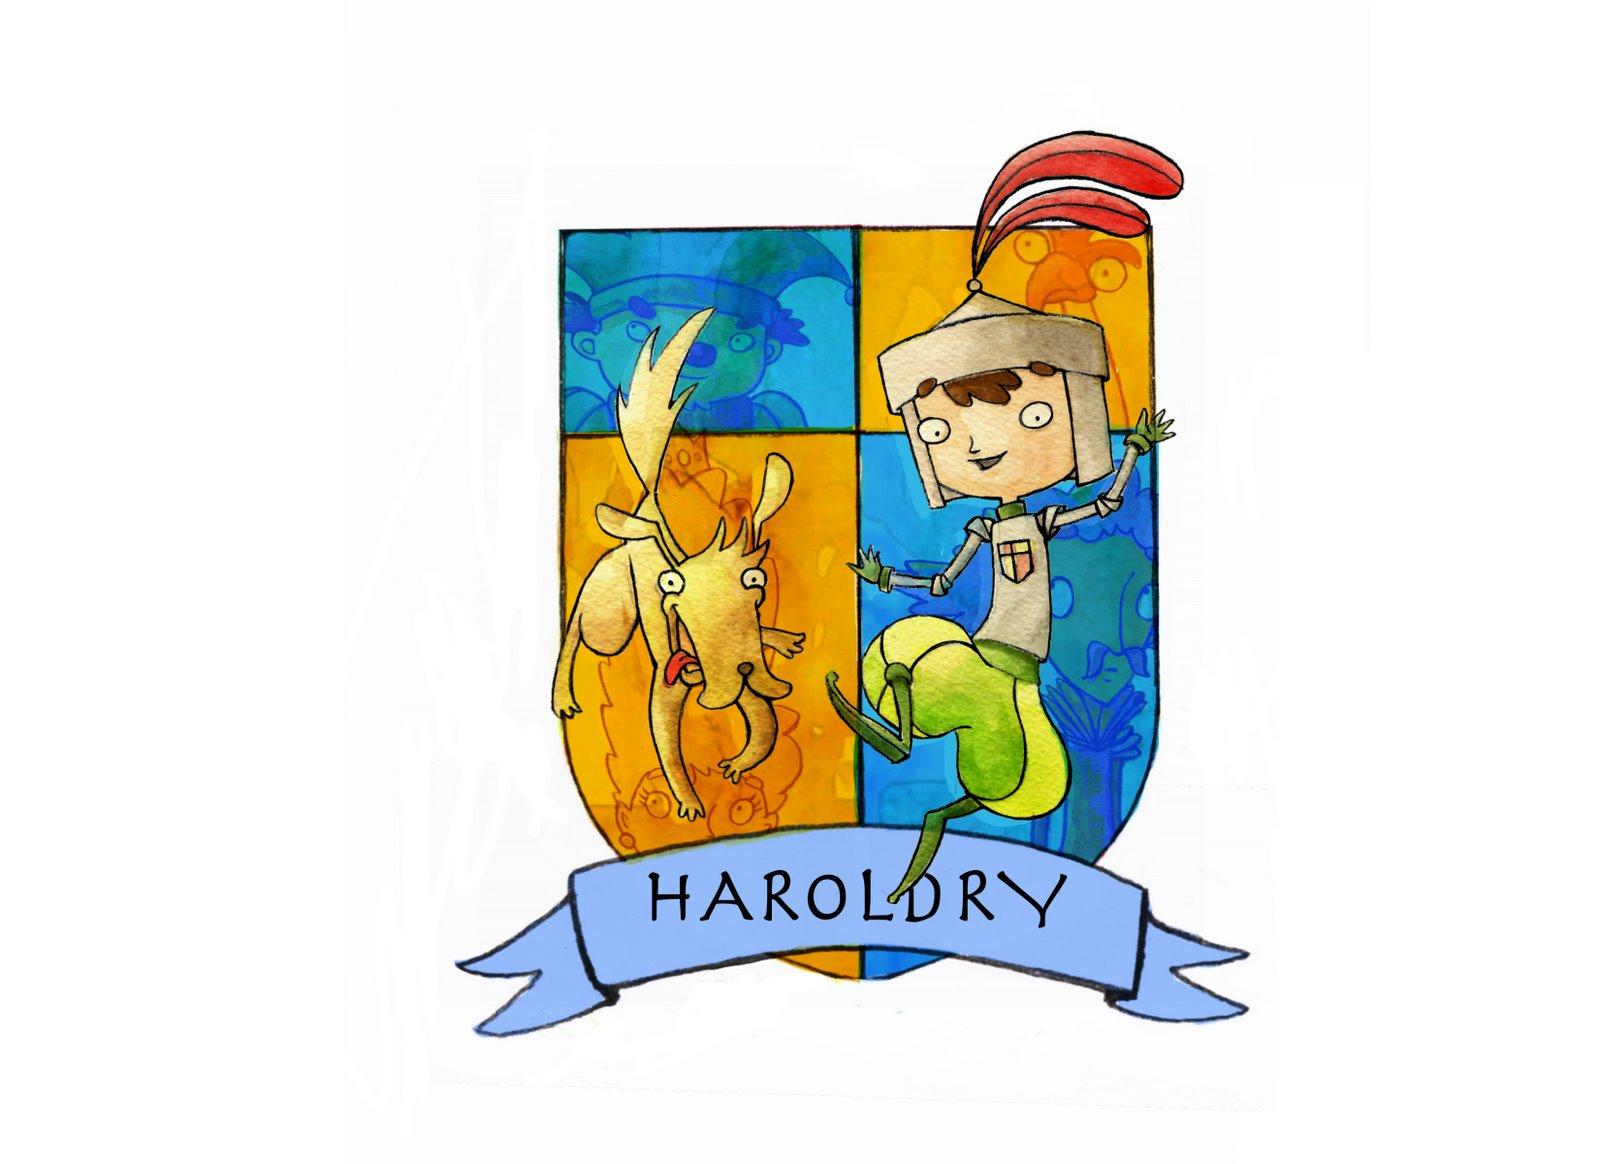 [haroldry+coverjp]